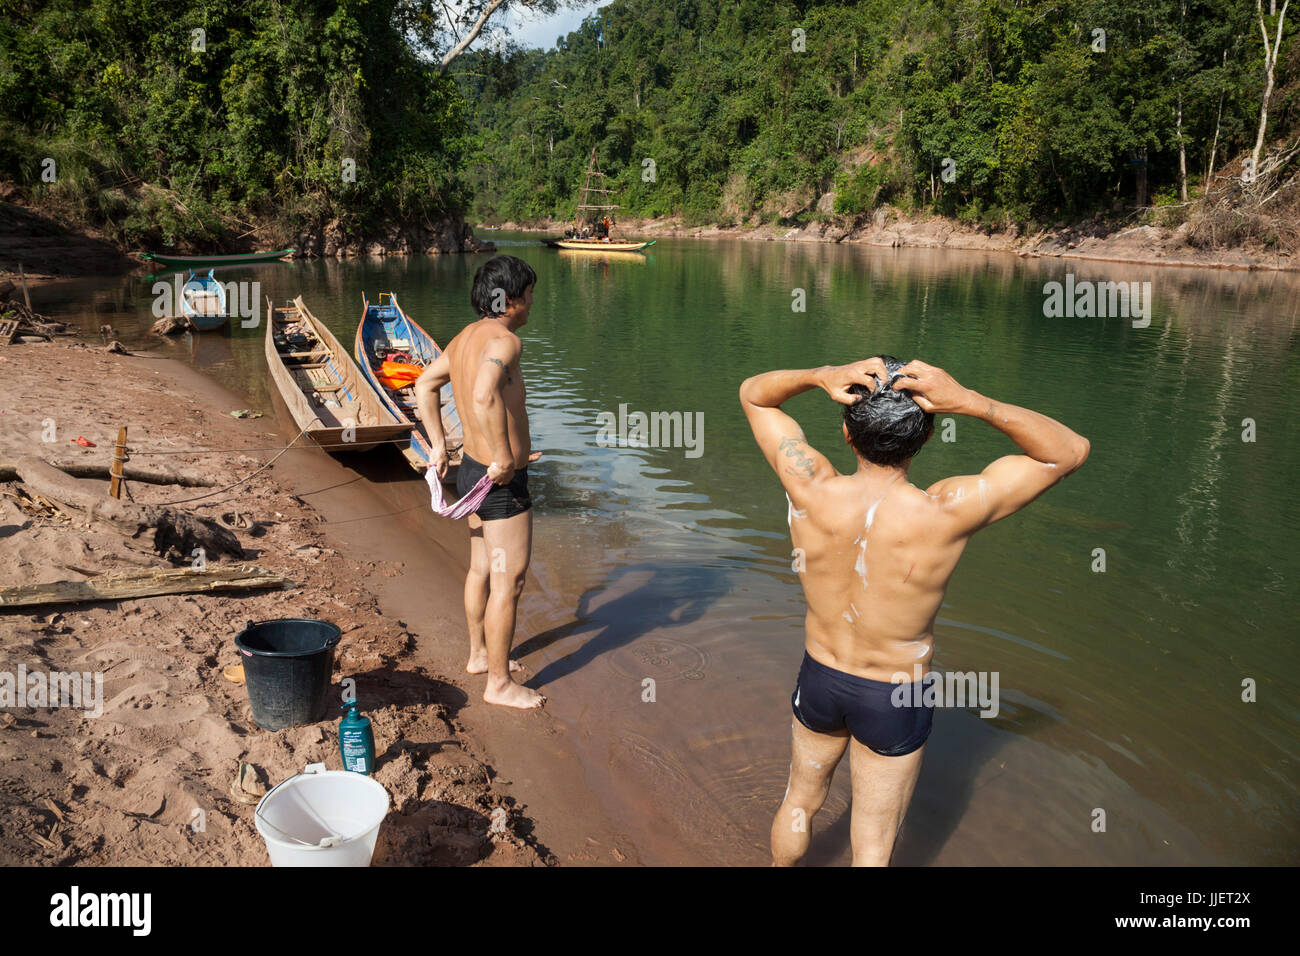 Lavoratori cinesi bagnarsi come una attrezzatura di trivella raccoglie campioni di nucleo in una costrizione naturale Immagini Stock